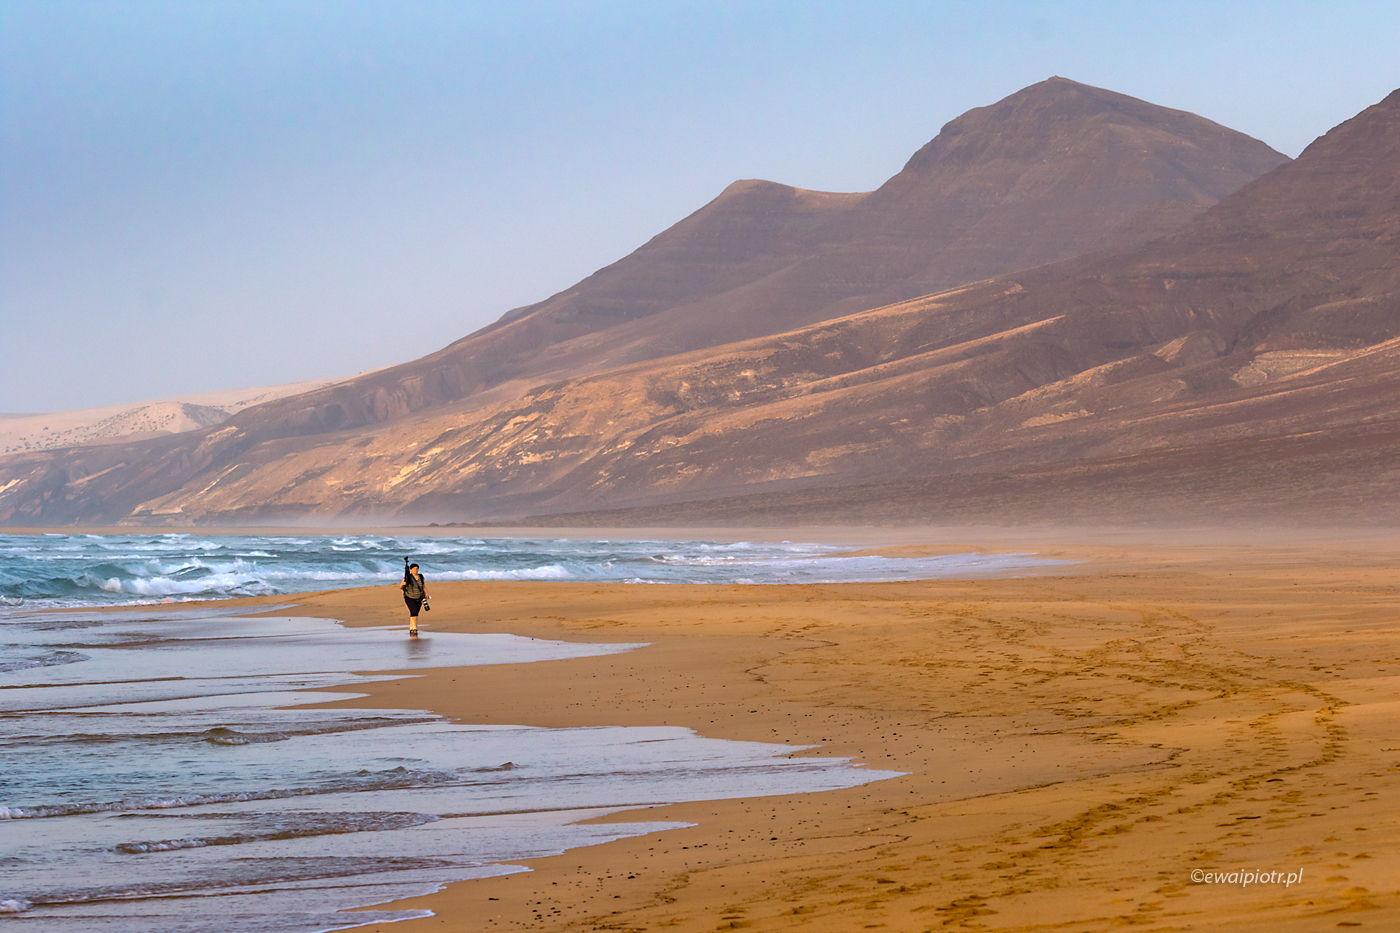 Na plaży Cofete, Wyspy Kanaryjskie